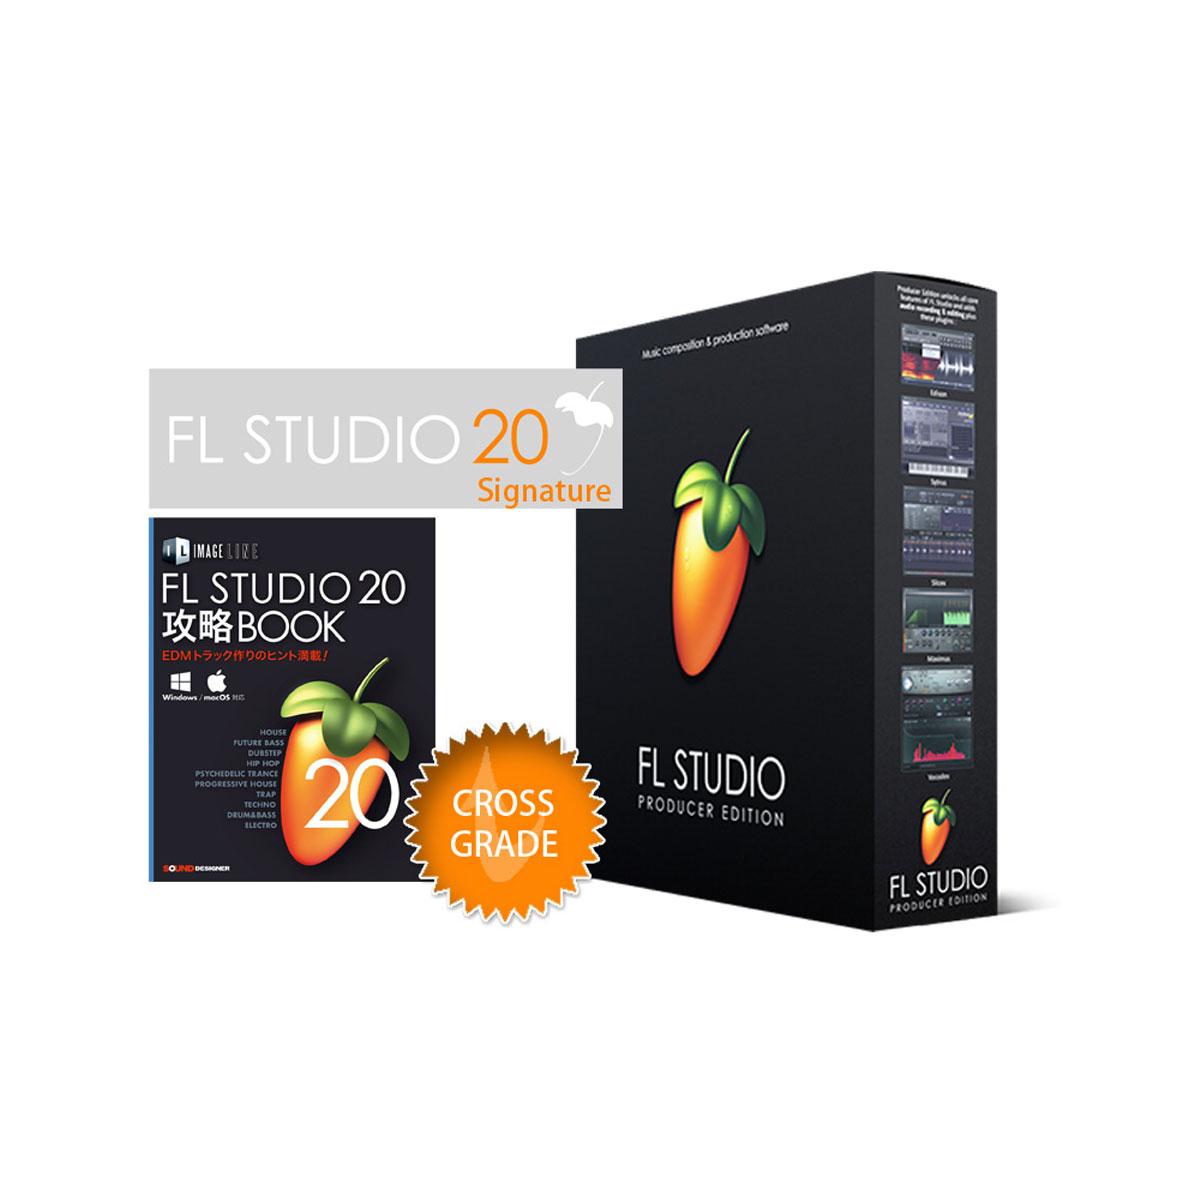 Image-Line イメージライン / FL Studio 20 Signature クロスグレード版 解説本バンドル 【お取り寄せ商品】